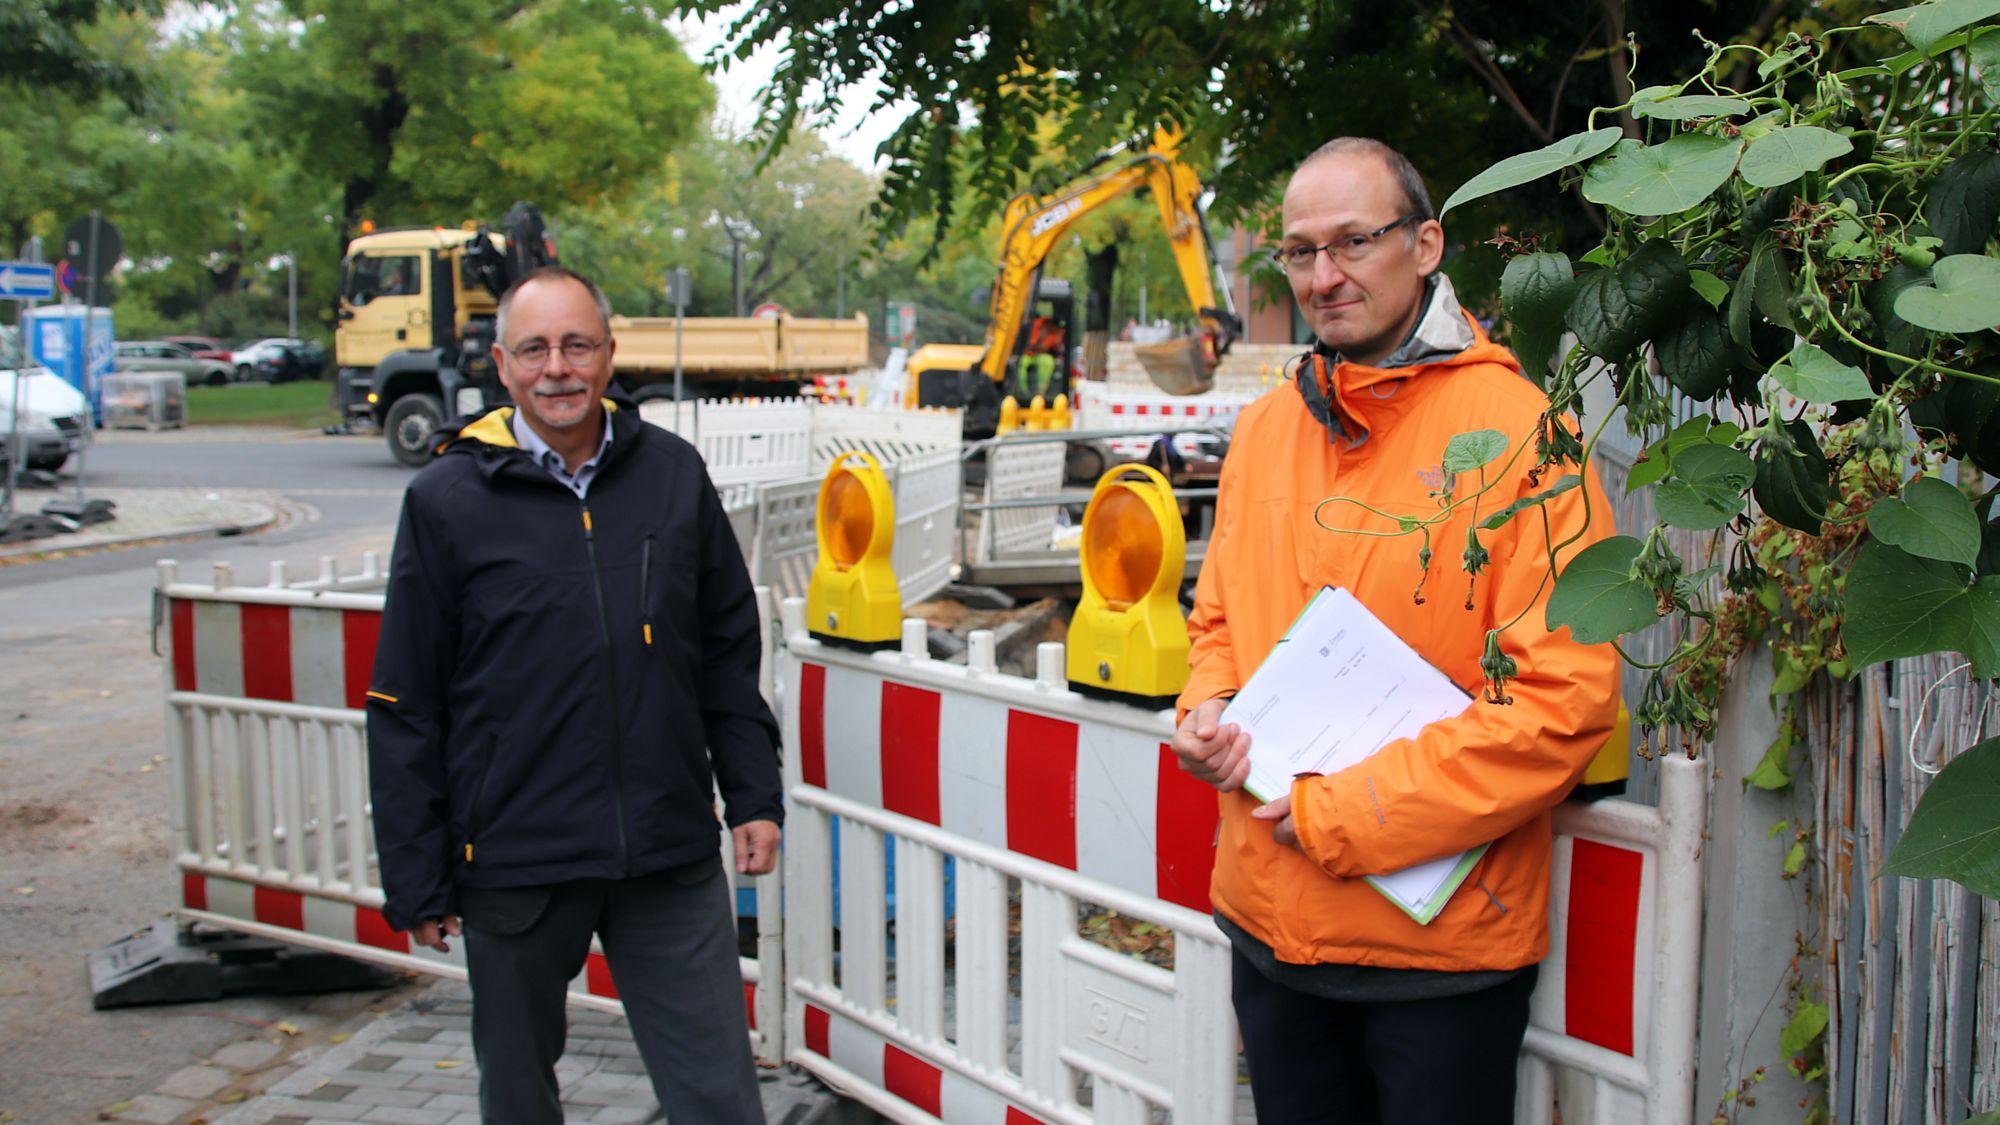 Amtsleiter Barth und Franke an der Erna-Berger-Straße